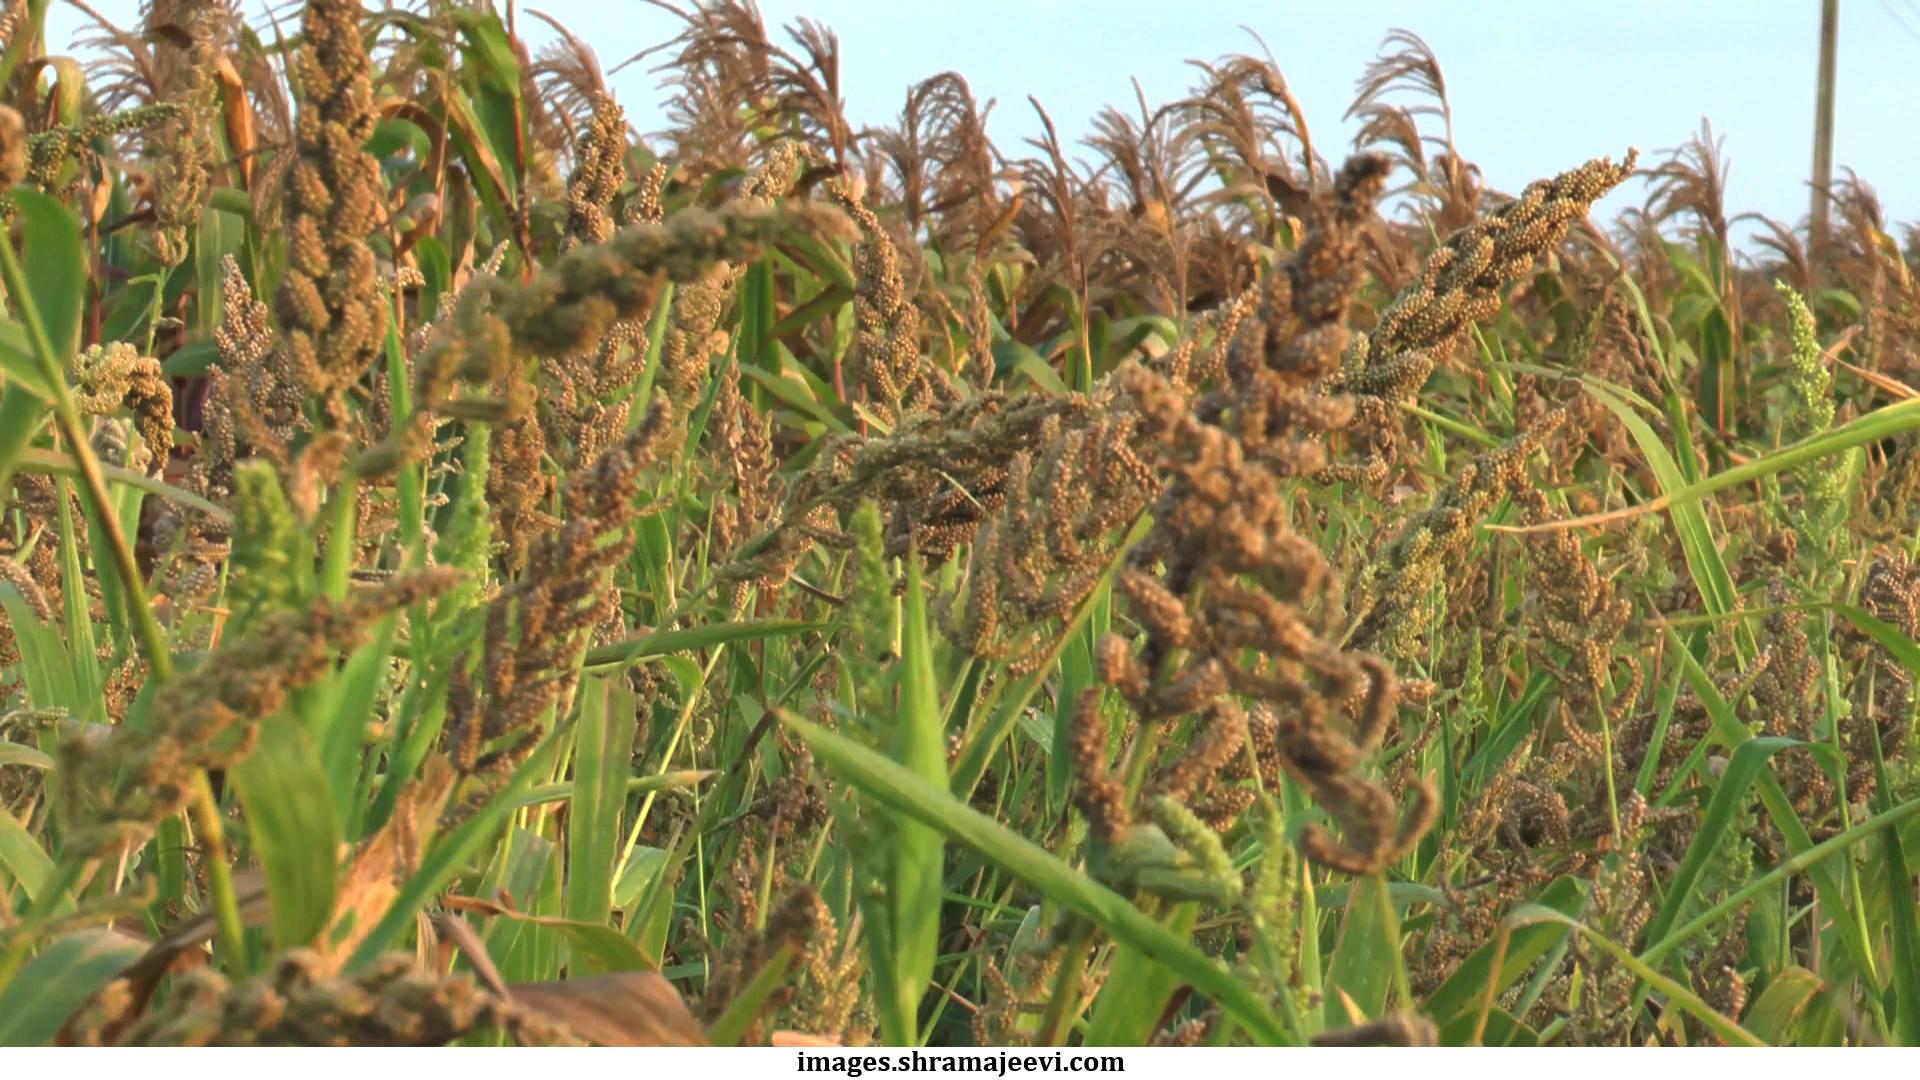 Image result for barnyard millet images